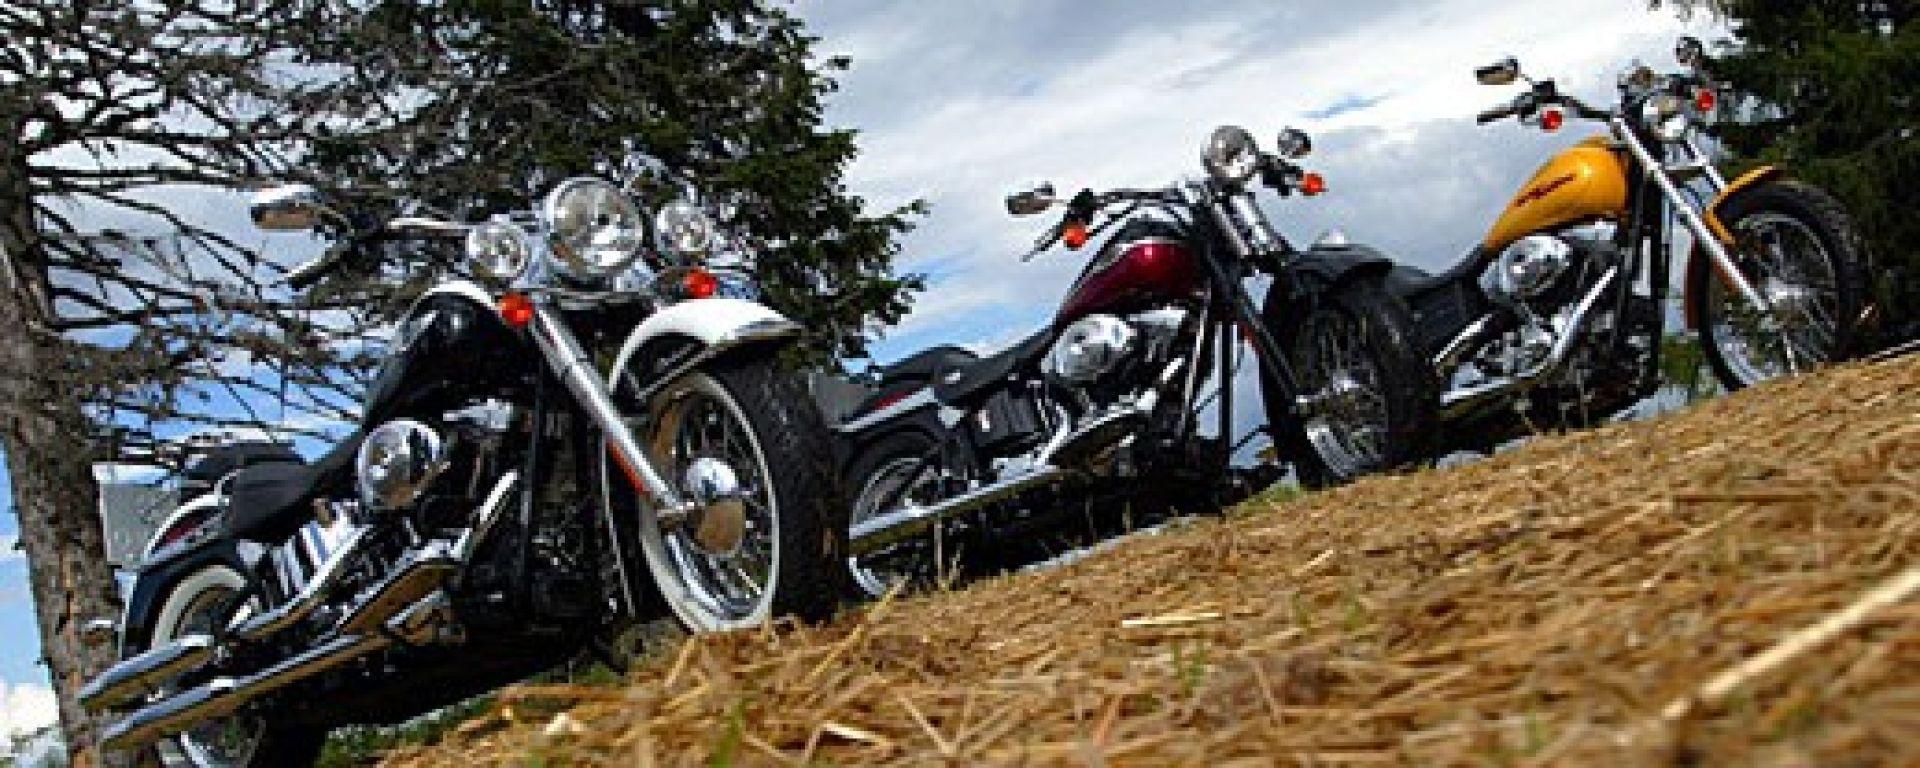 Harley 2005